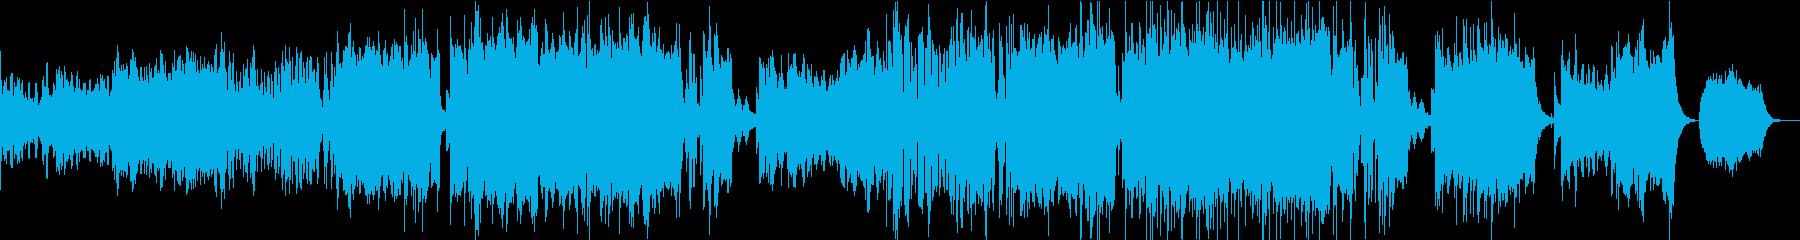 結婚式のムービーBGM(メモリー)の再生済みの波形